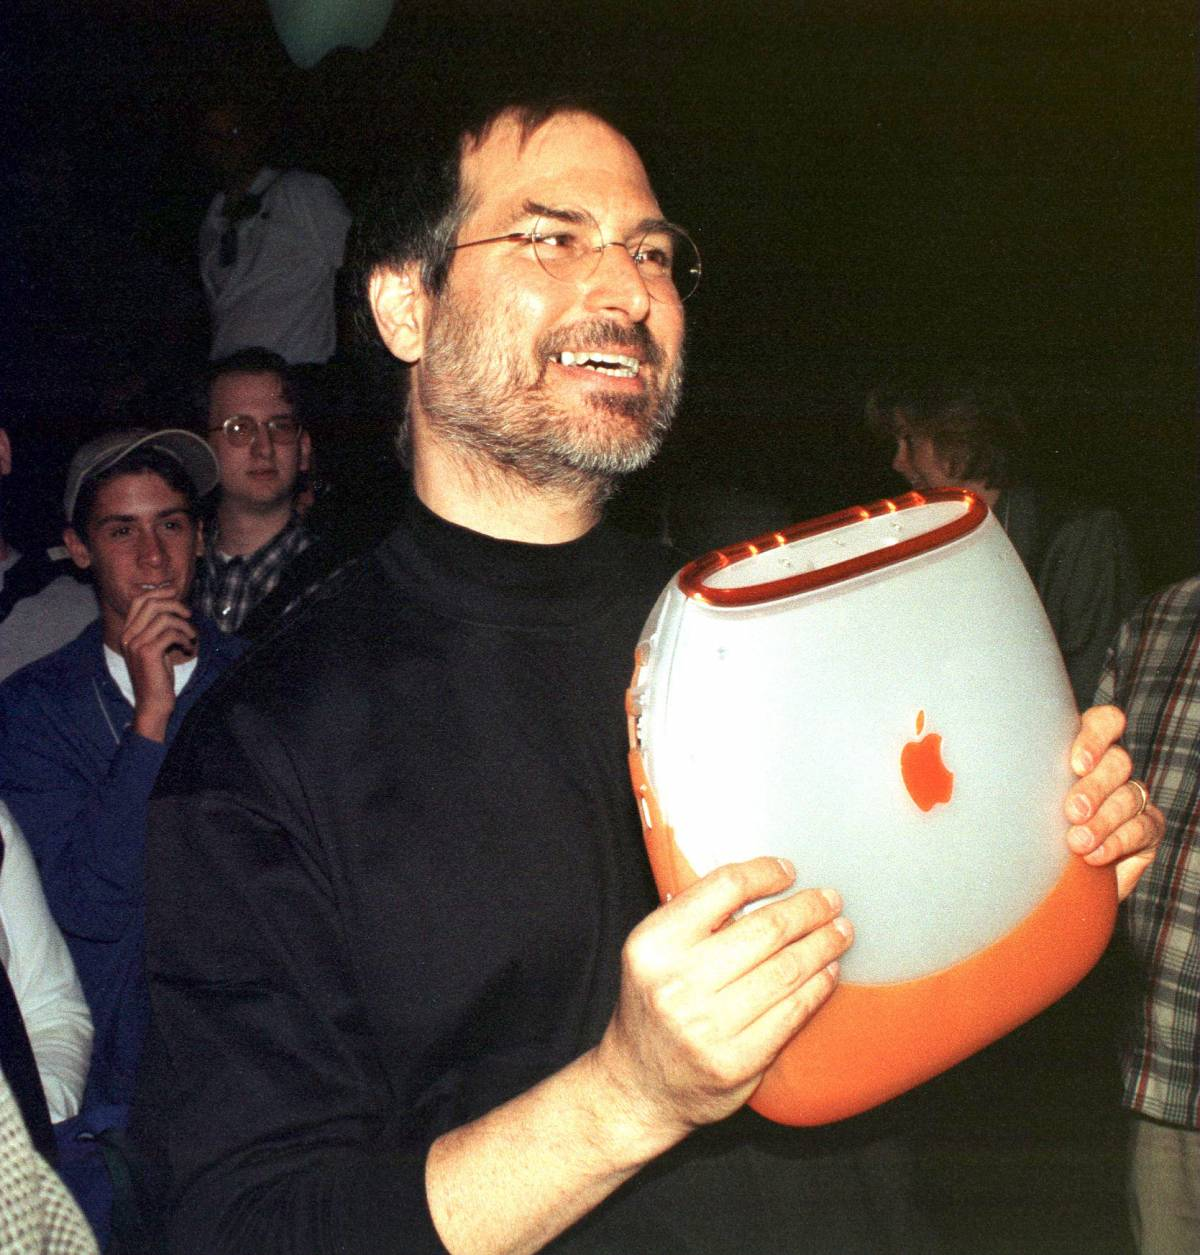 Tutte le stranezze e le curiosità di Steve Jobs